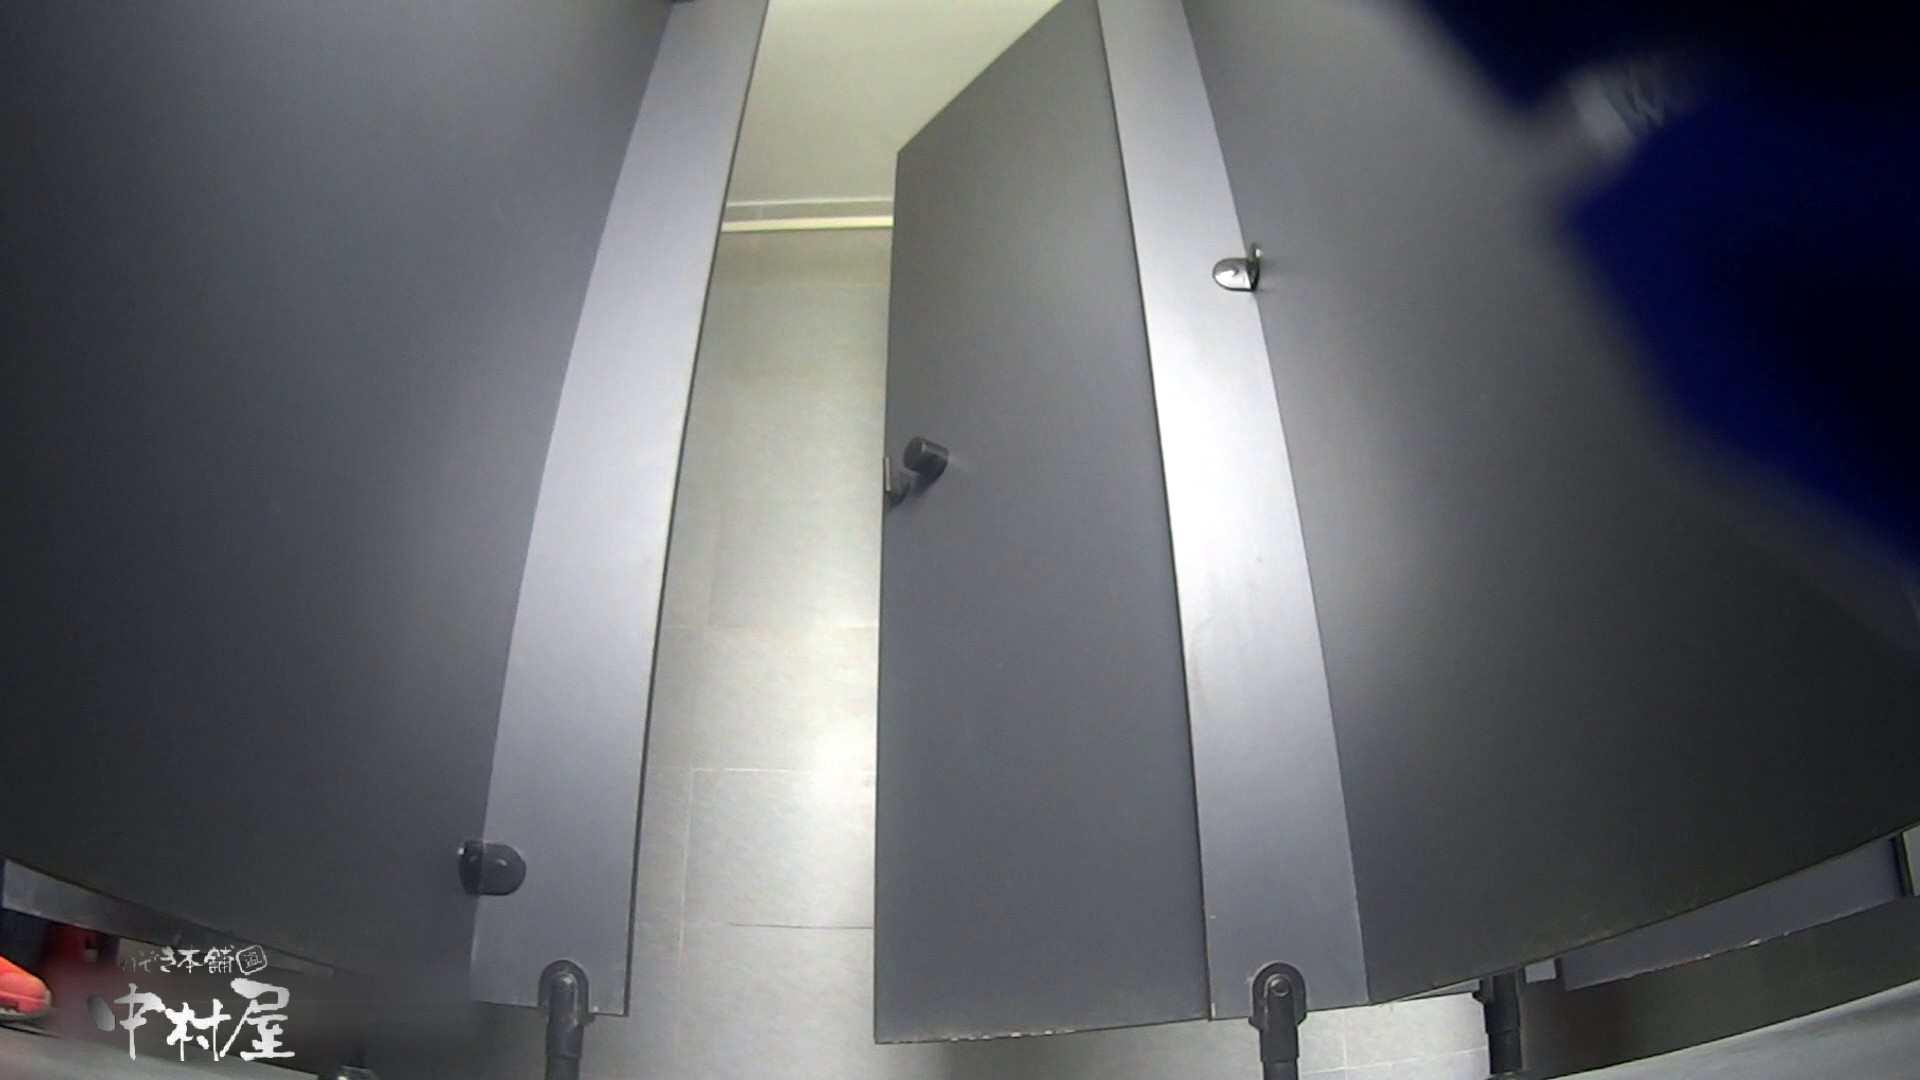 ツンデレお女市さんのトイレ事情 大学休憩時間の洗面所事情32 盗撮 | 洗面所  55pic 43